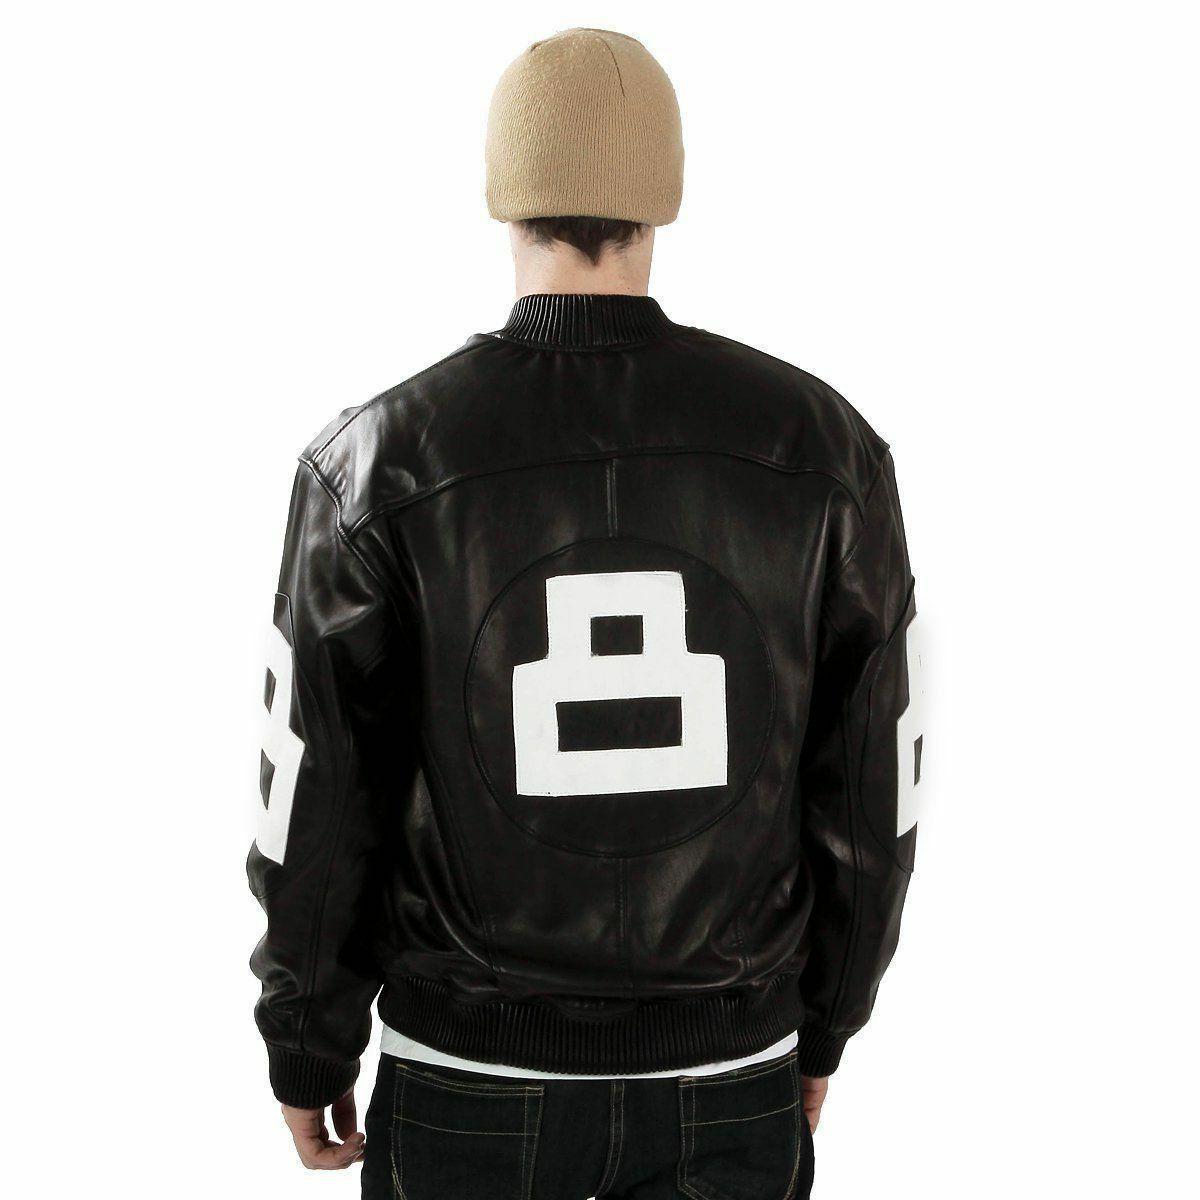 8 ball leather jacket bomber style black